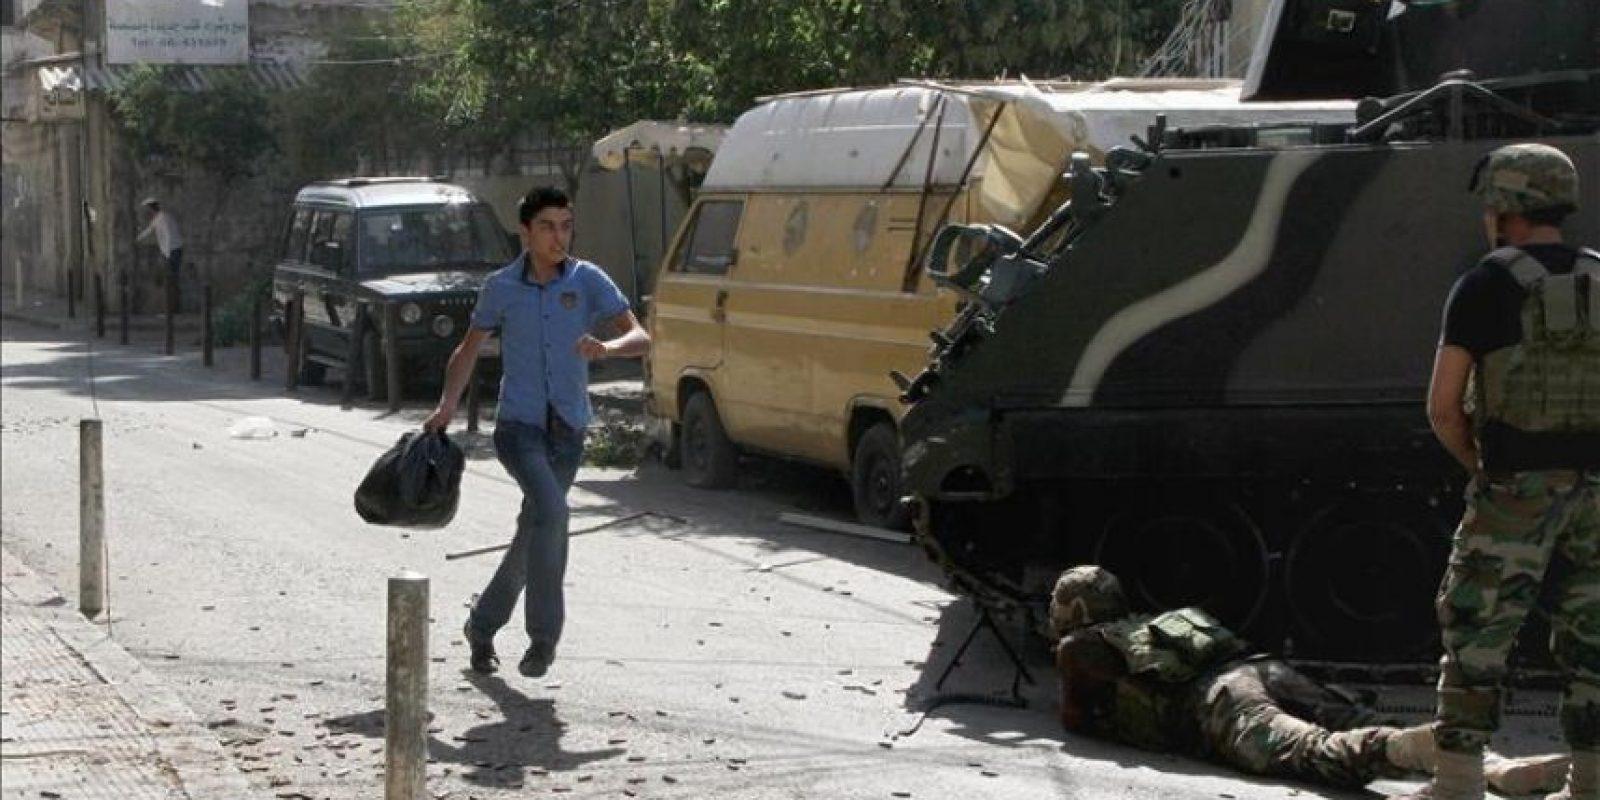 Dos soldados se protegen detrás de un vehículo armado, hoy en la localidad de Trípoli. EFE